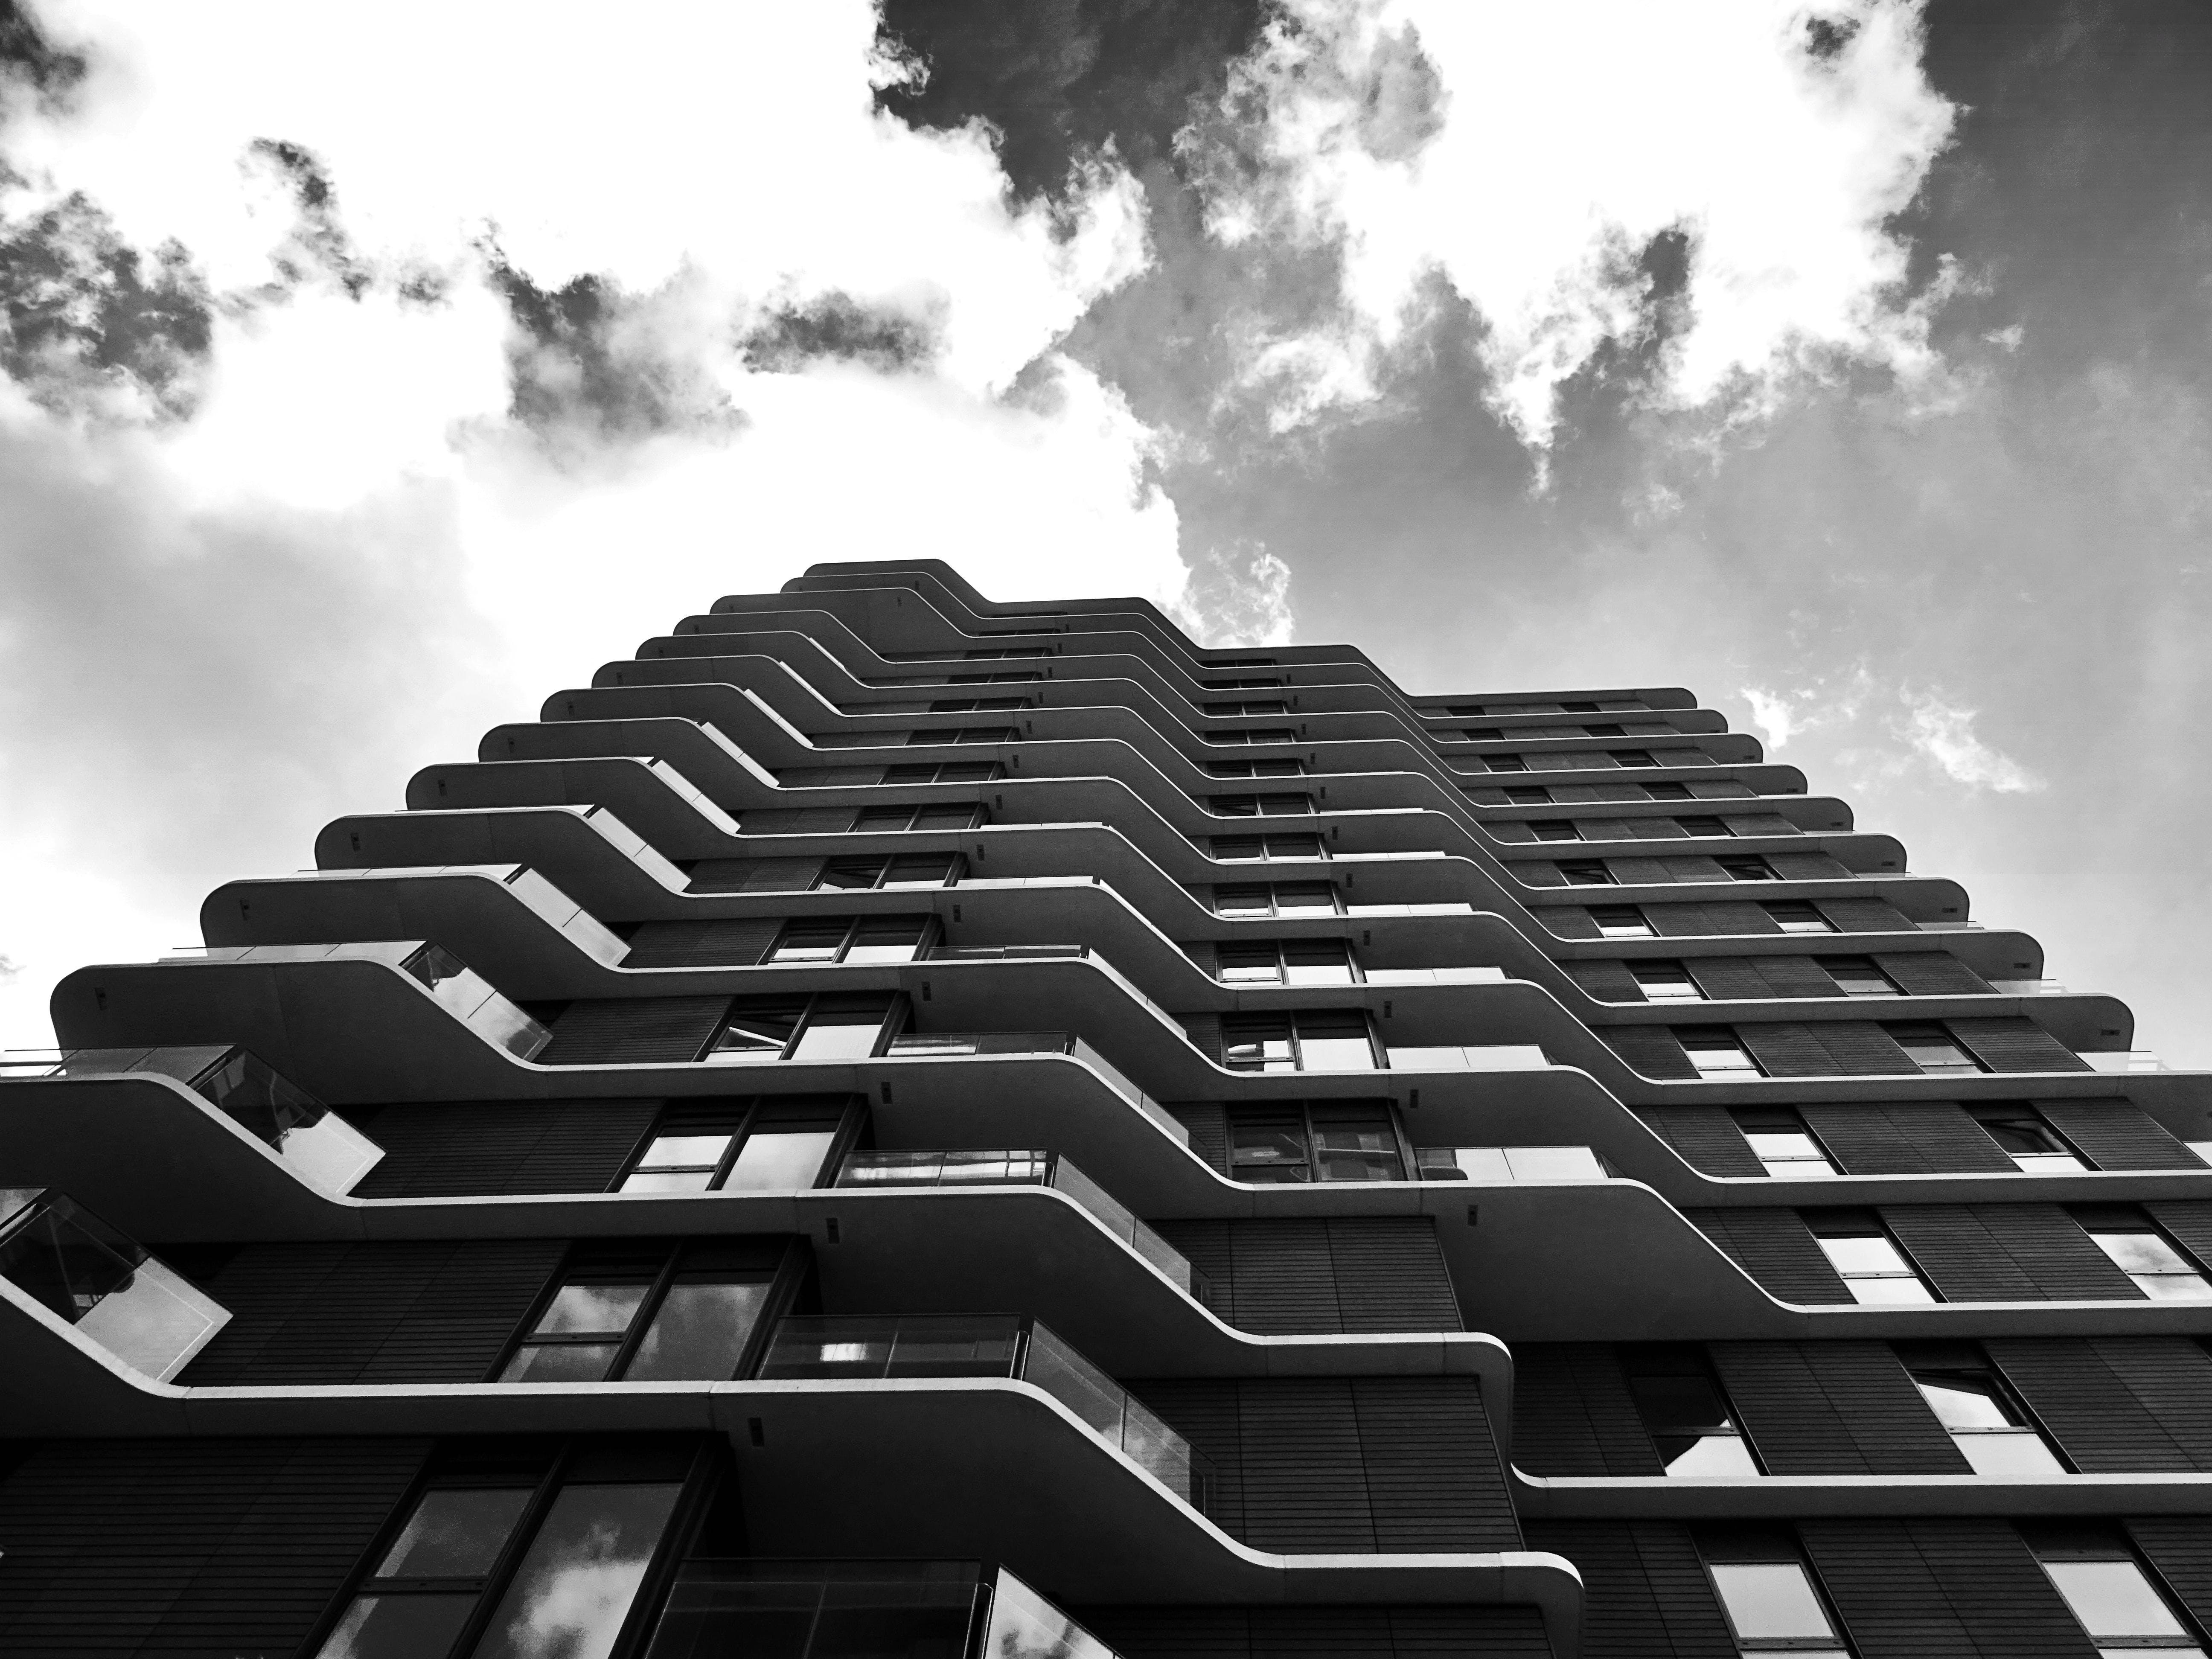 Free stock photo of black-and-white, building, architecture, skyscraper